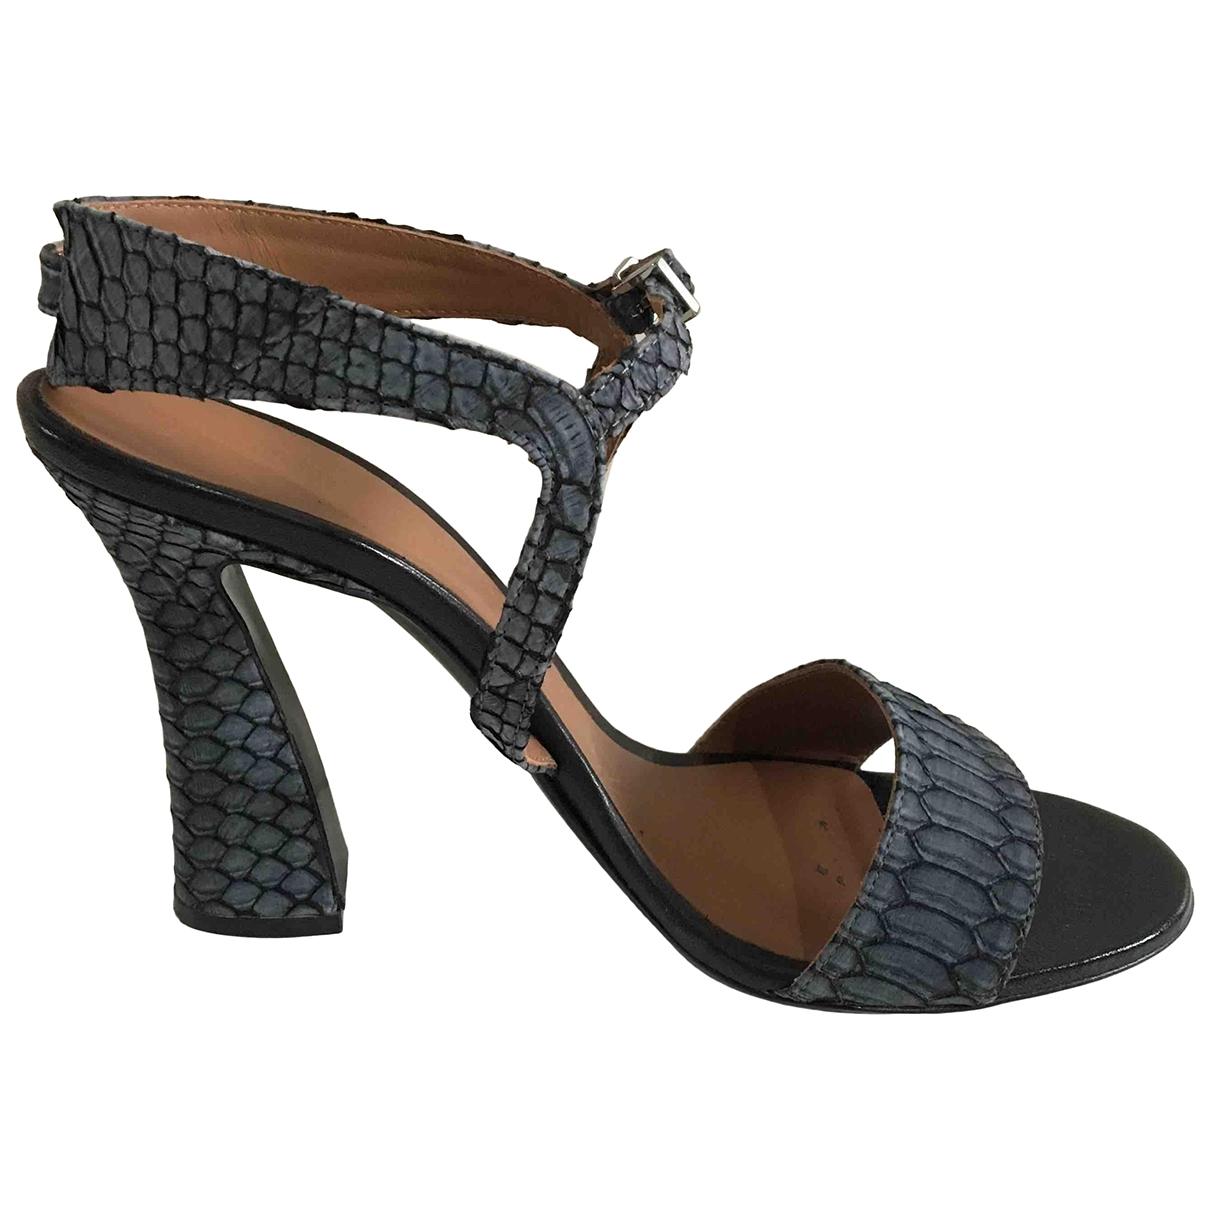 Emporio Armani - Sandales   pour femme en python - gris